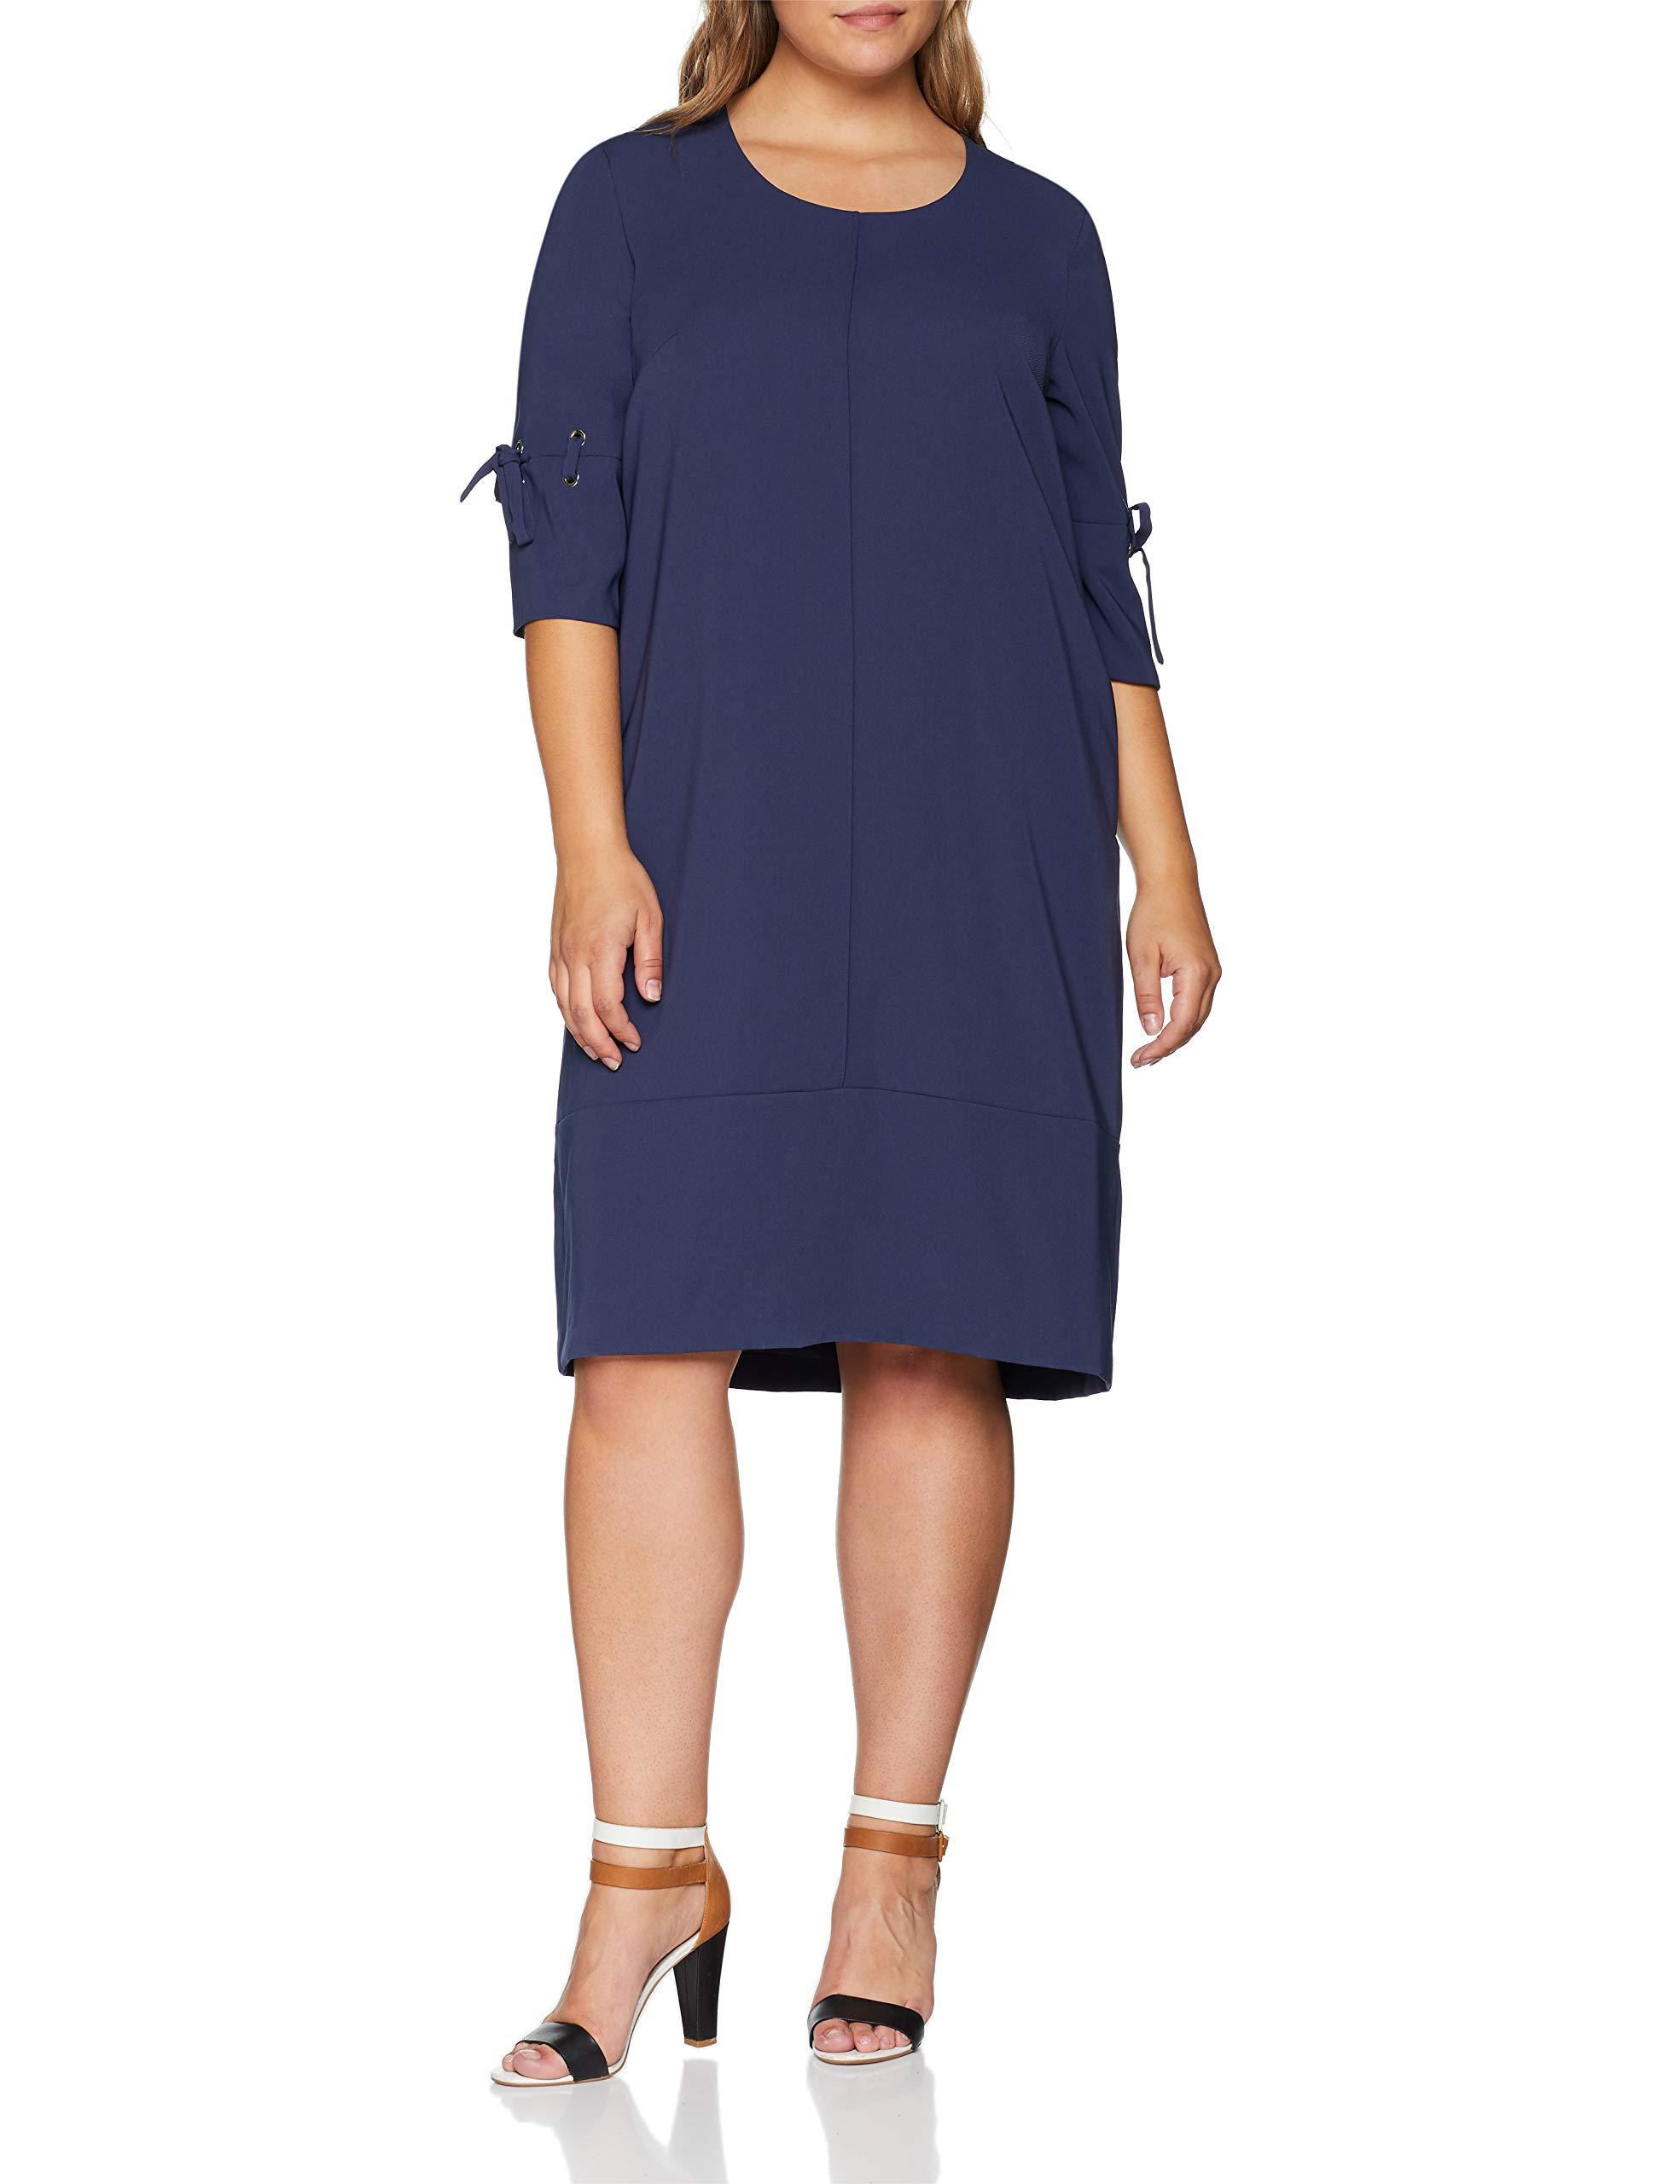 Kleid 8020350 RobeMarrontinte Femme Samoon Gewebe vmnyO0N8w